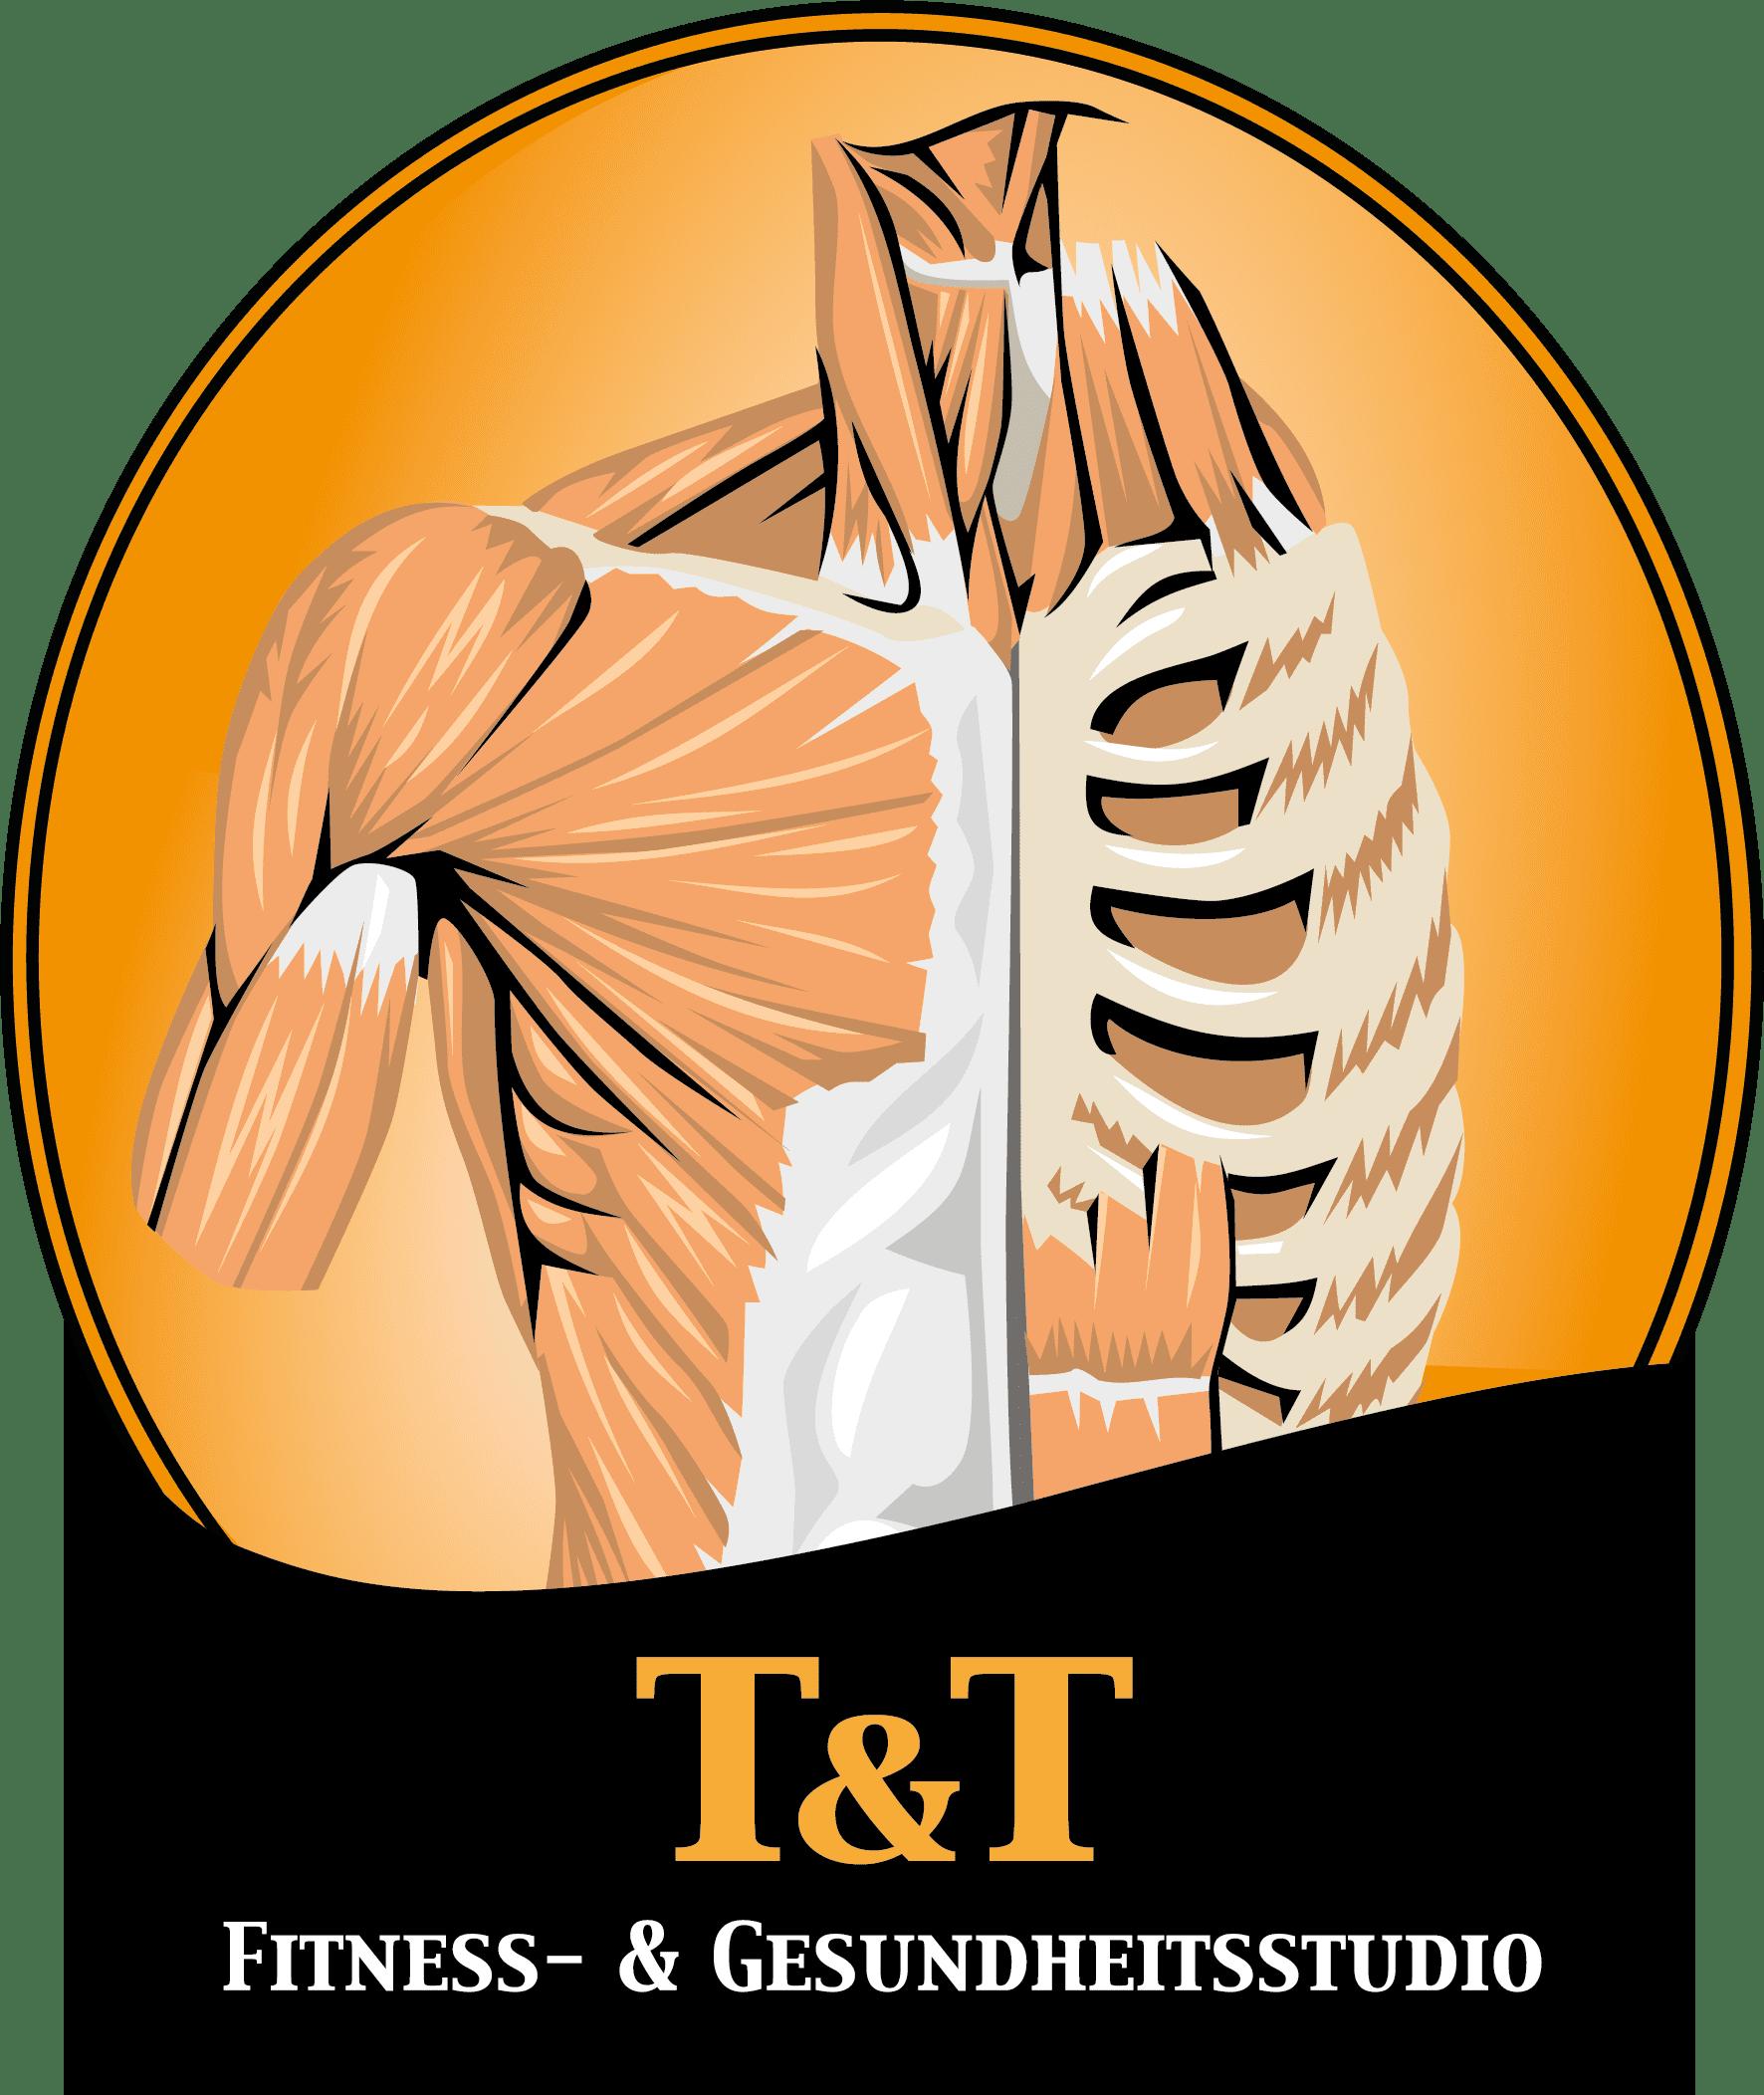 T&T Fitnessstudio & Gesundheitssport